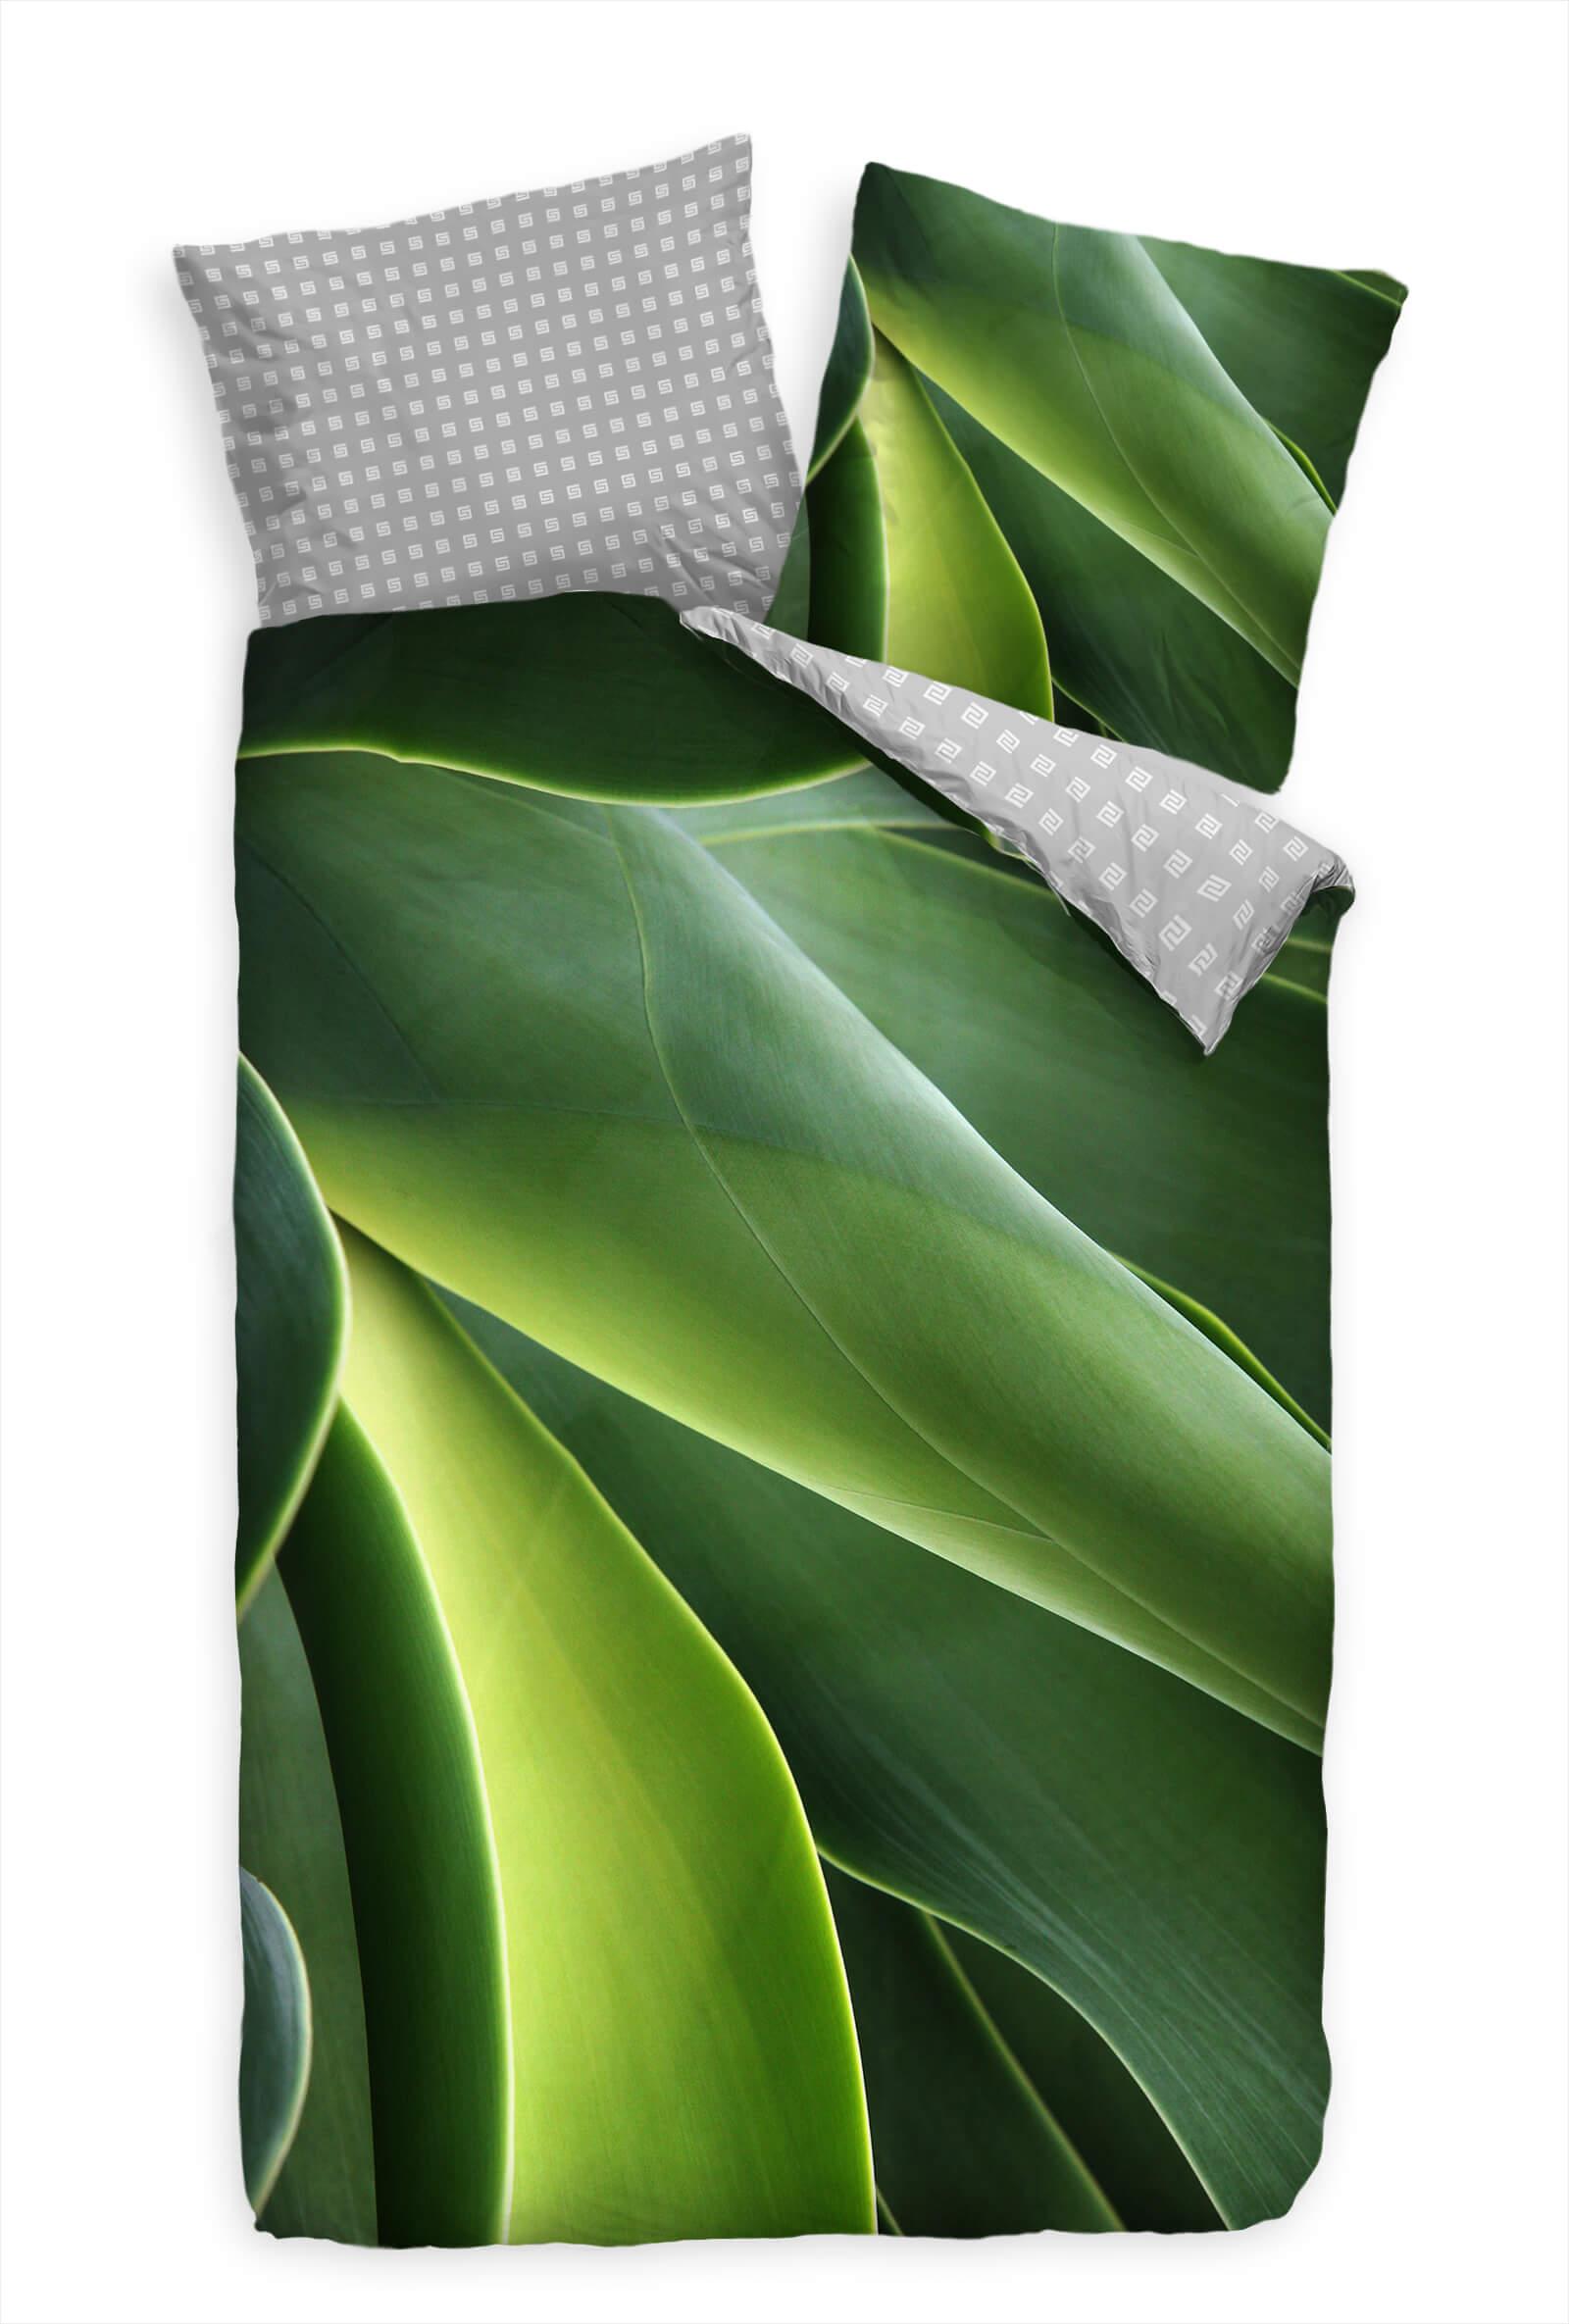 Abstrakt Kaktus Makro Grn  Bettwäsche Set 135x200 cm + 80x80cm  Atmungsaktiv